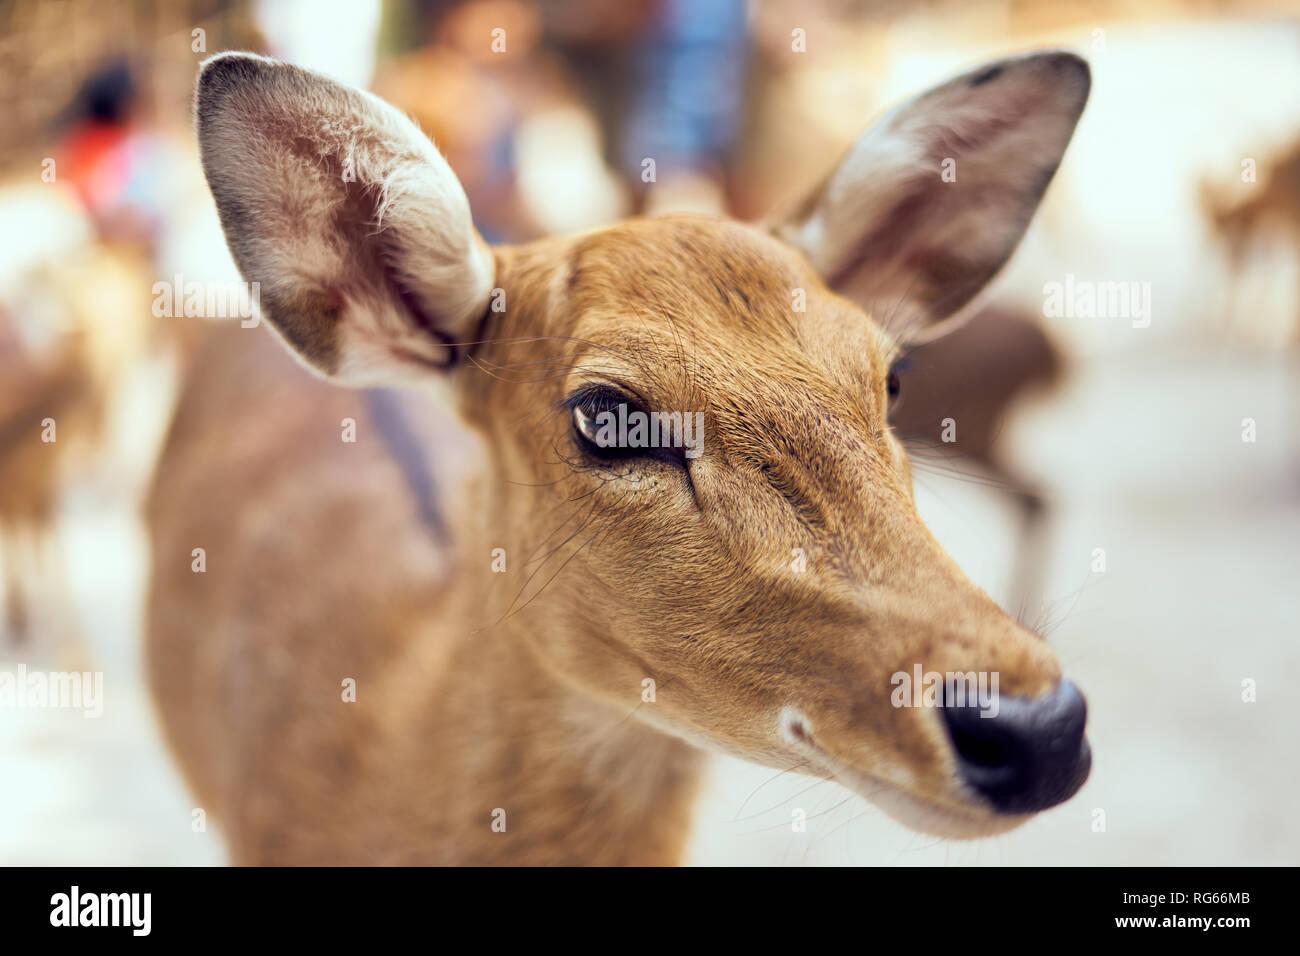 Close-up di testa di cervo Immagini Stock